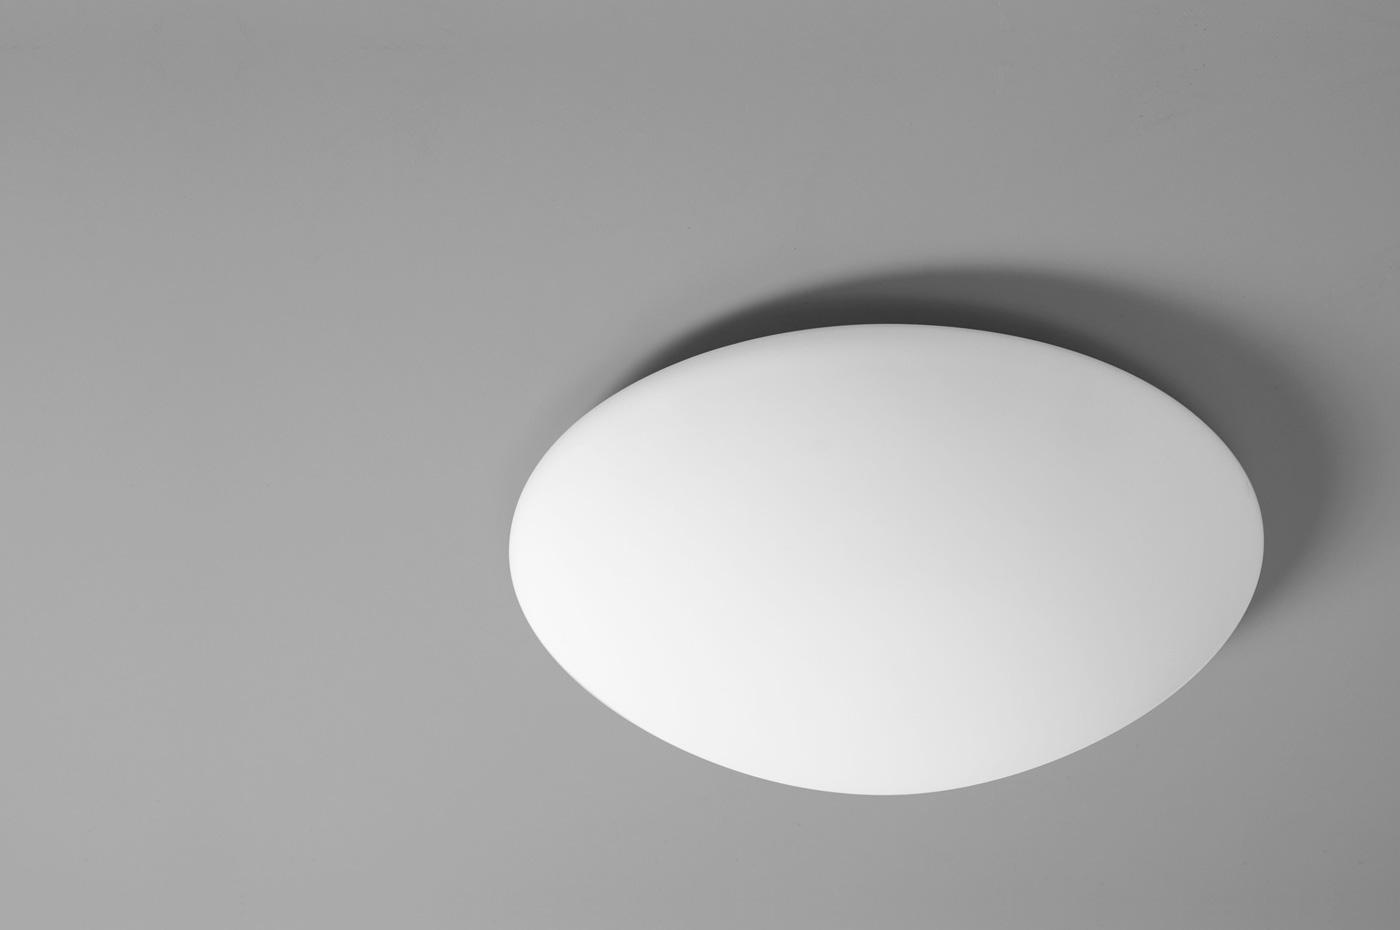 Plafoniere Design : Ceiling info bagno design arredobagno arredamento